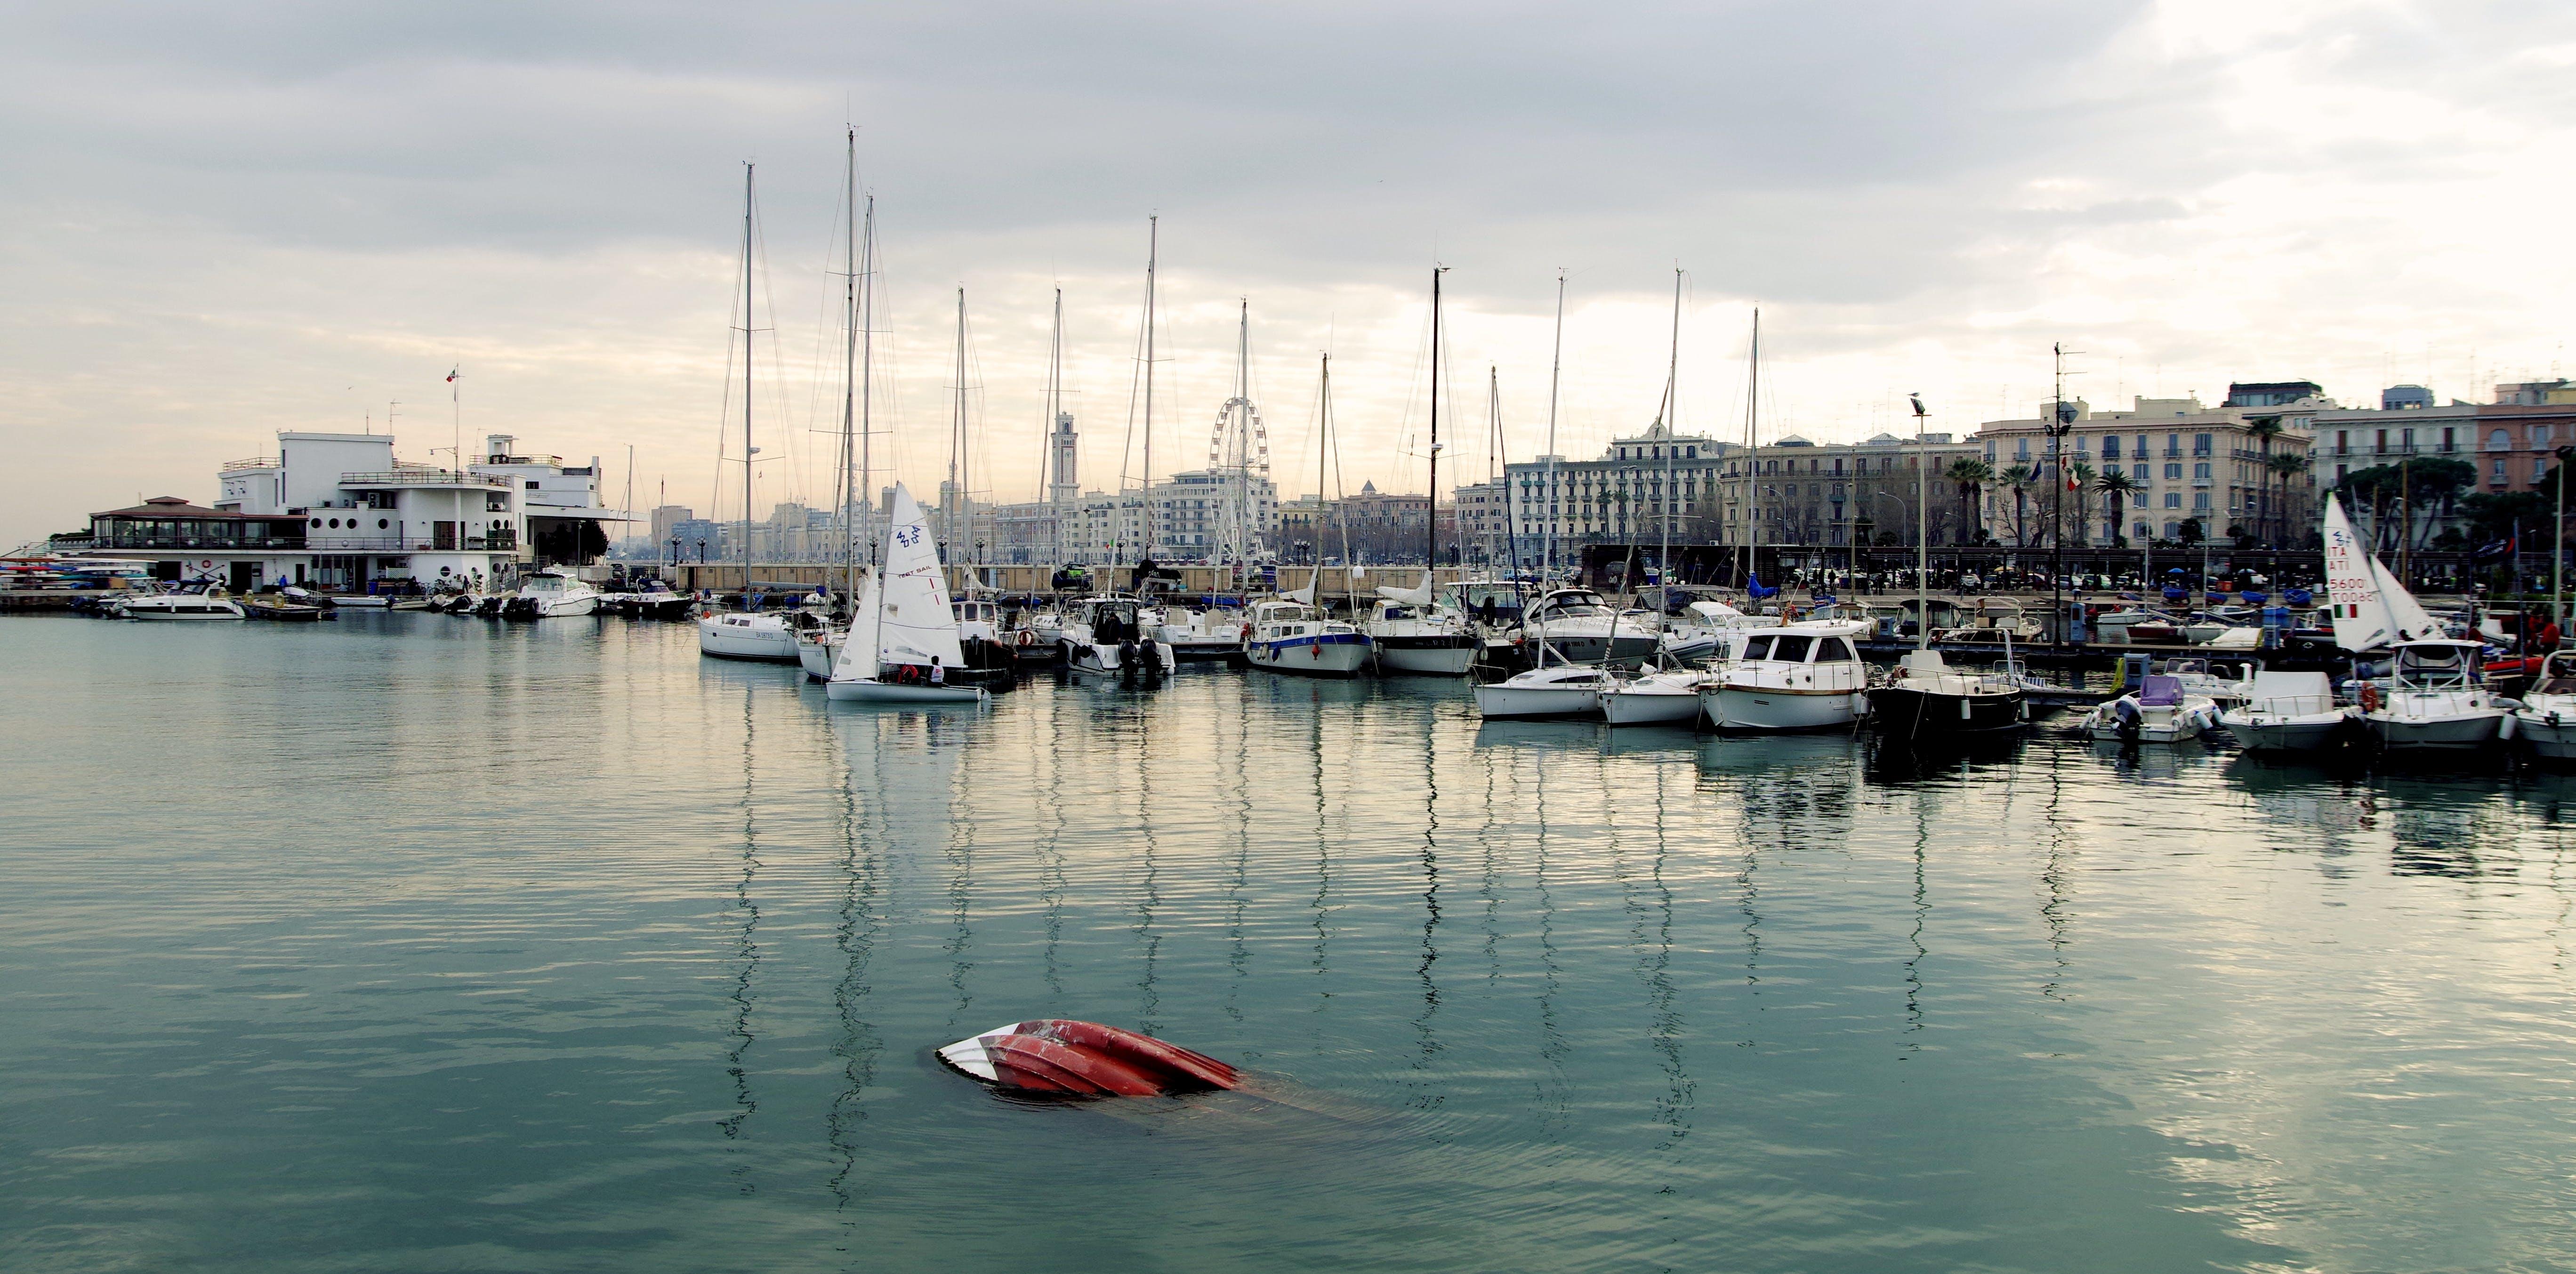 budova, čluny, denní